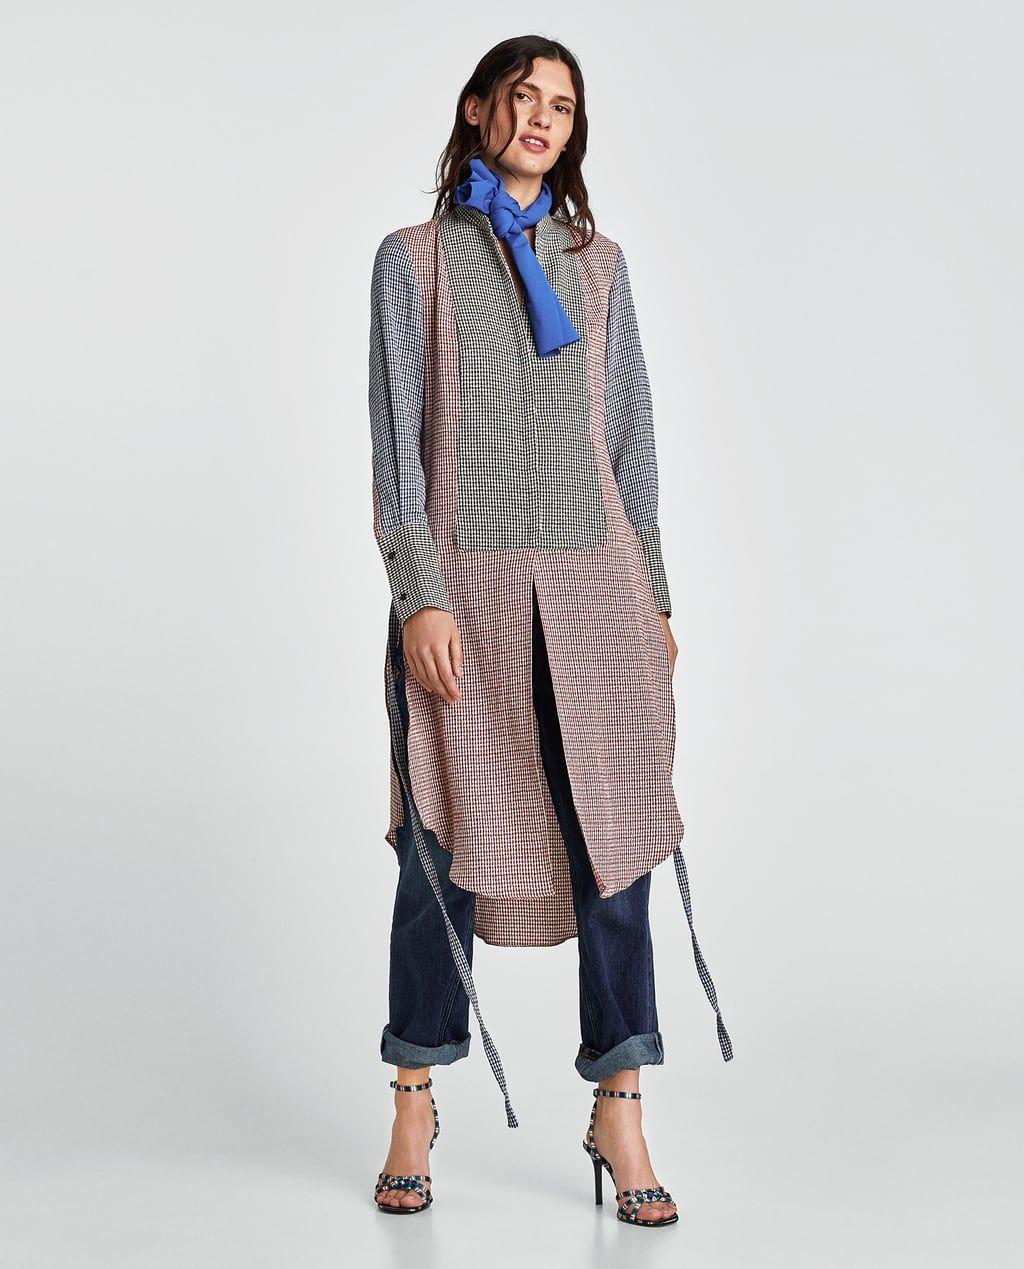 Zara Tunisie Collection printemps-été 2018 - modele (9)